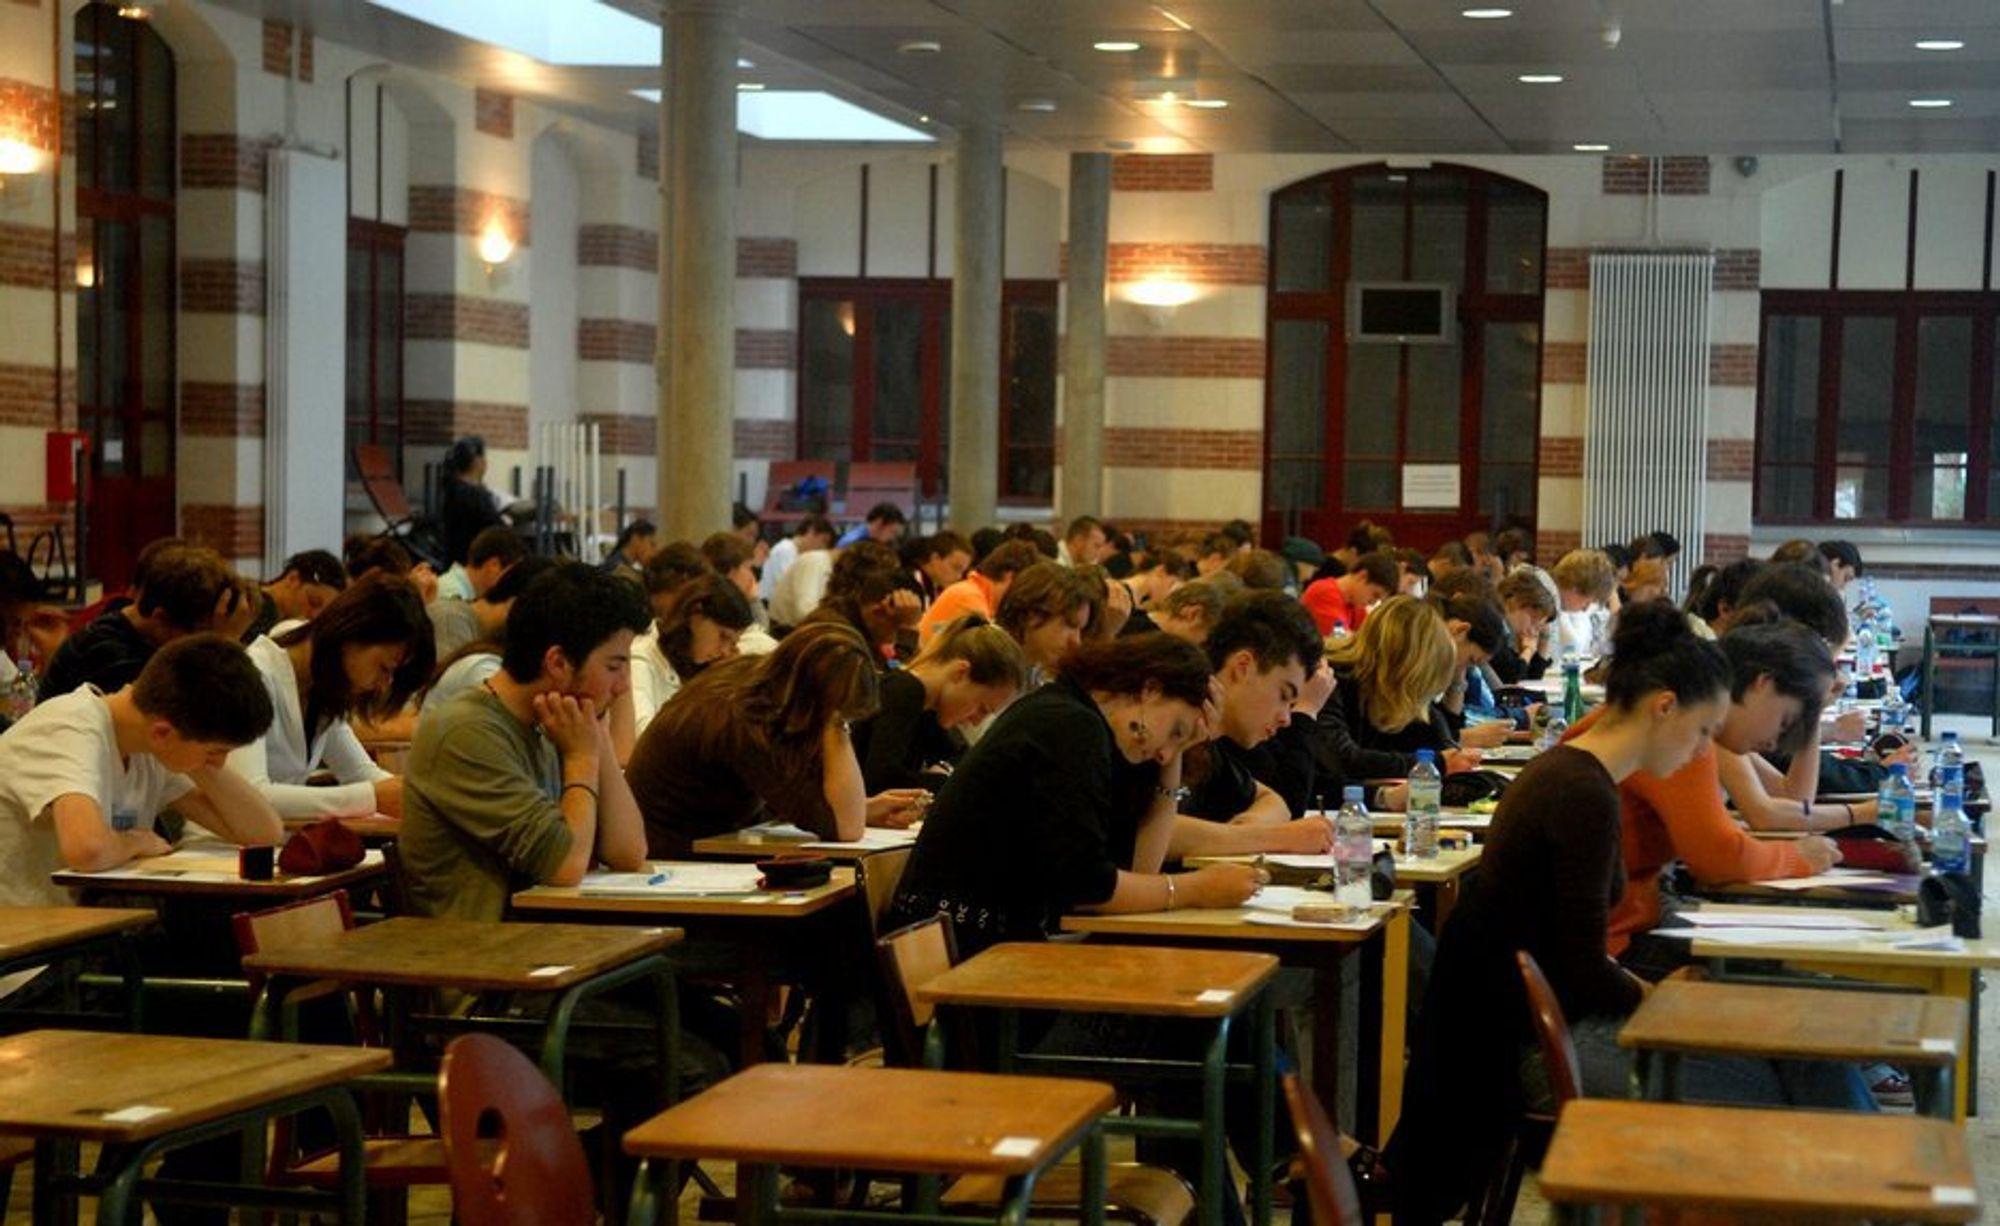 NYTT: Med pugge-appen kan studentene flytte eksamensforberedelsene ut av lesesalene.